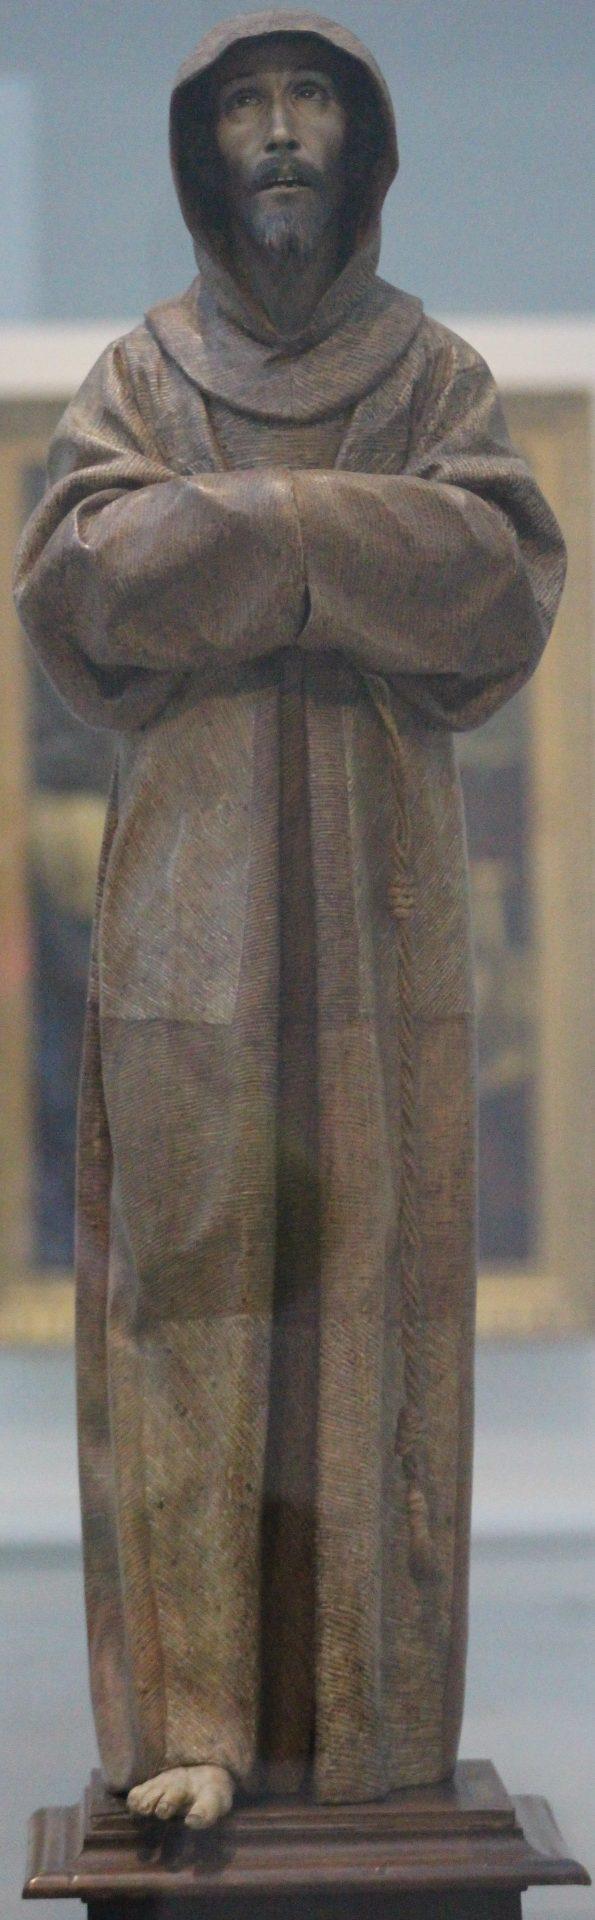 166 - St François mort